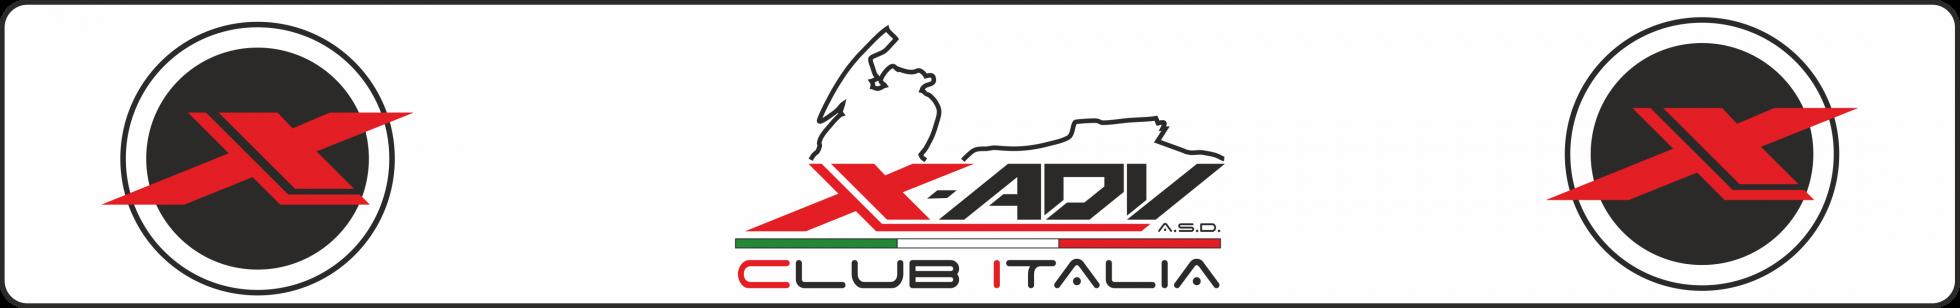 XadvClubItalia a.s.d.